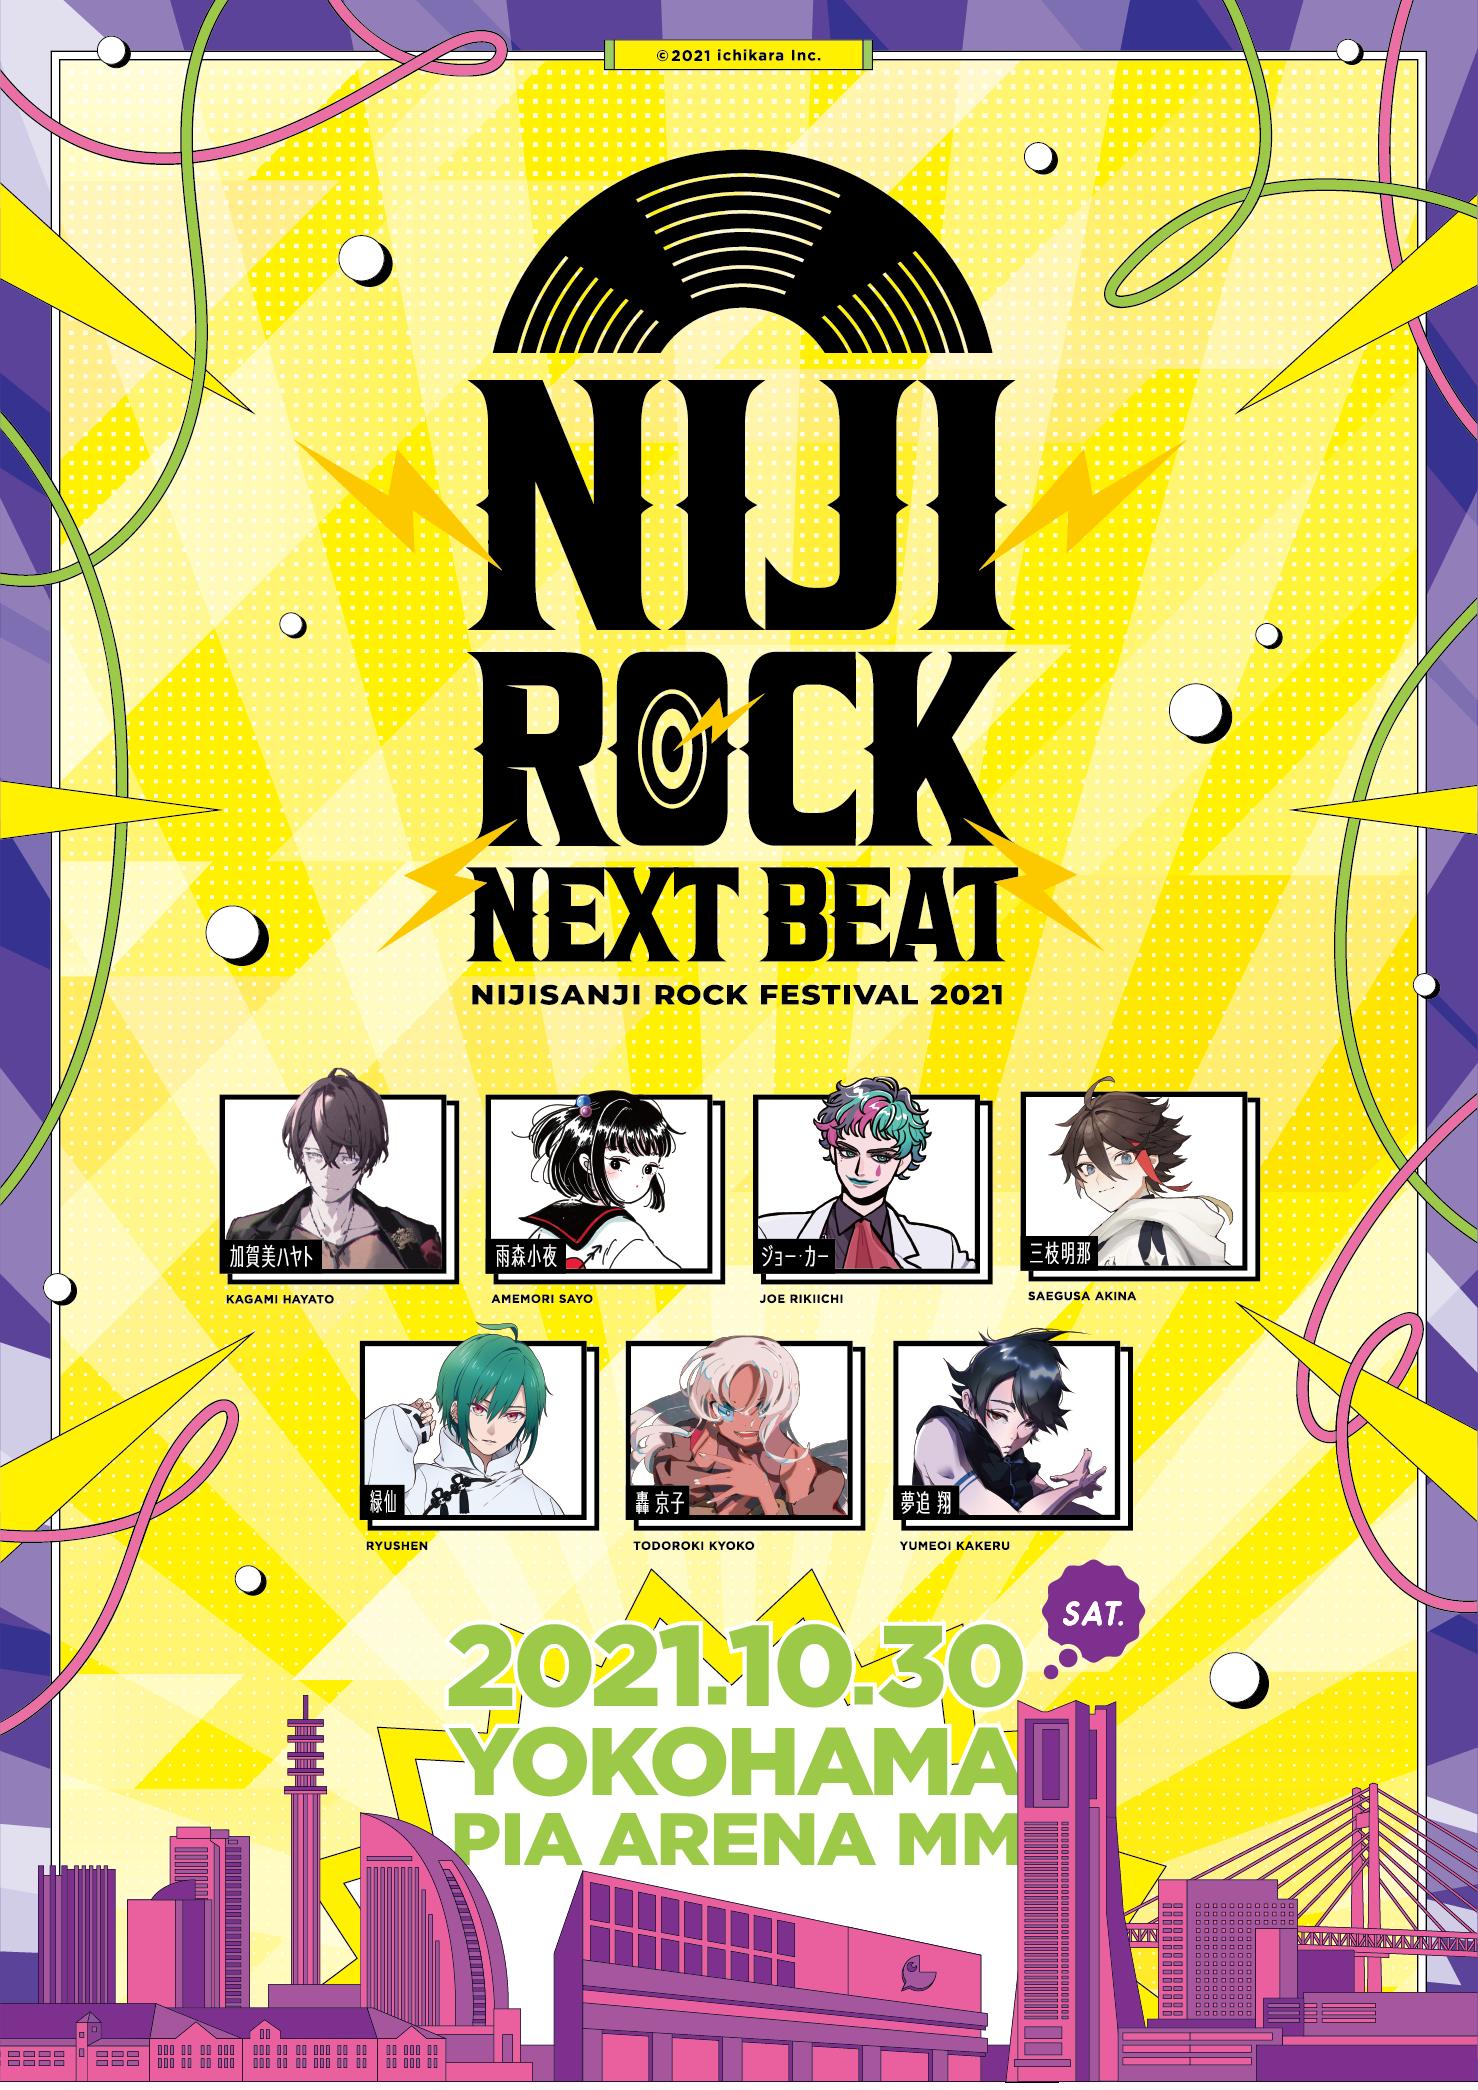 【FC先行チケット受付中!!】NIJIROCK NEXT BEAT